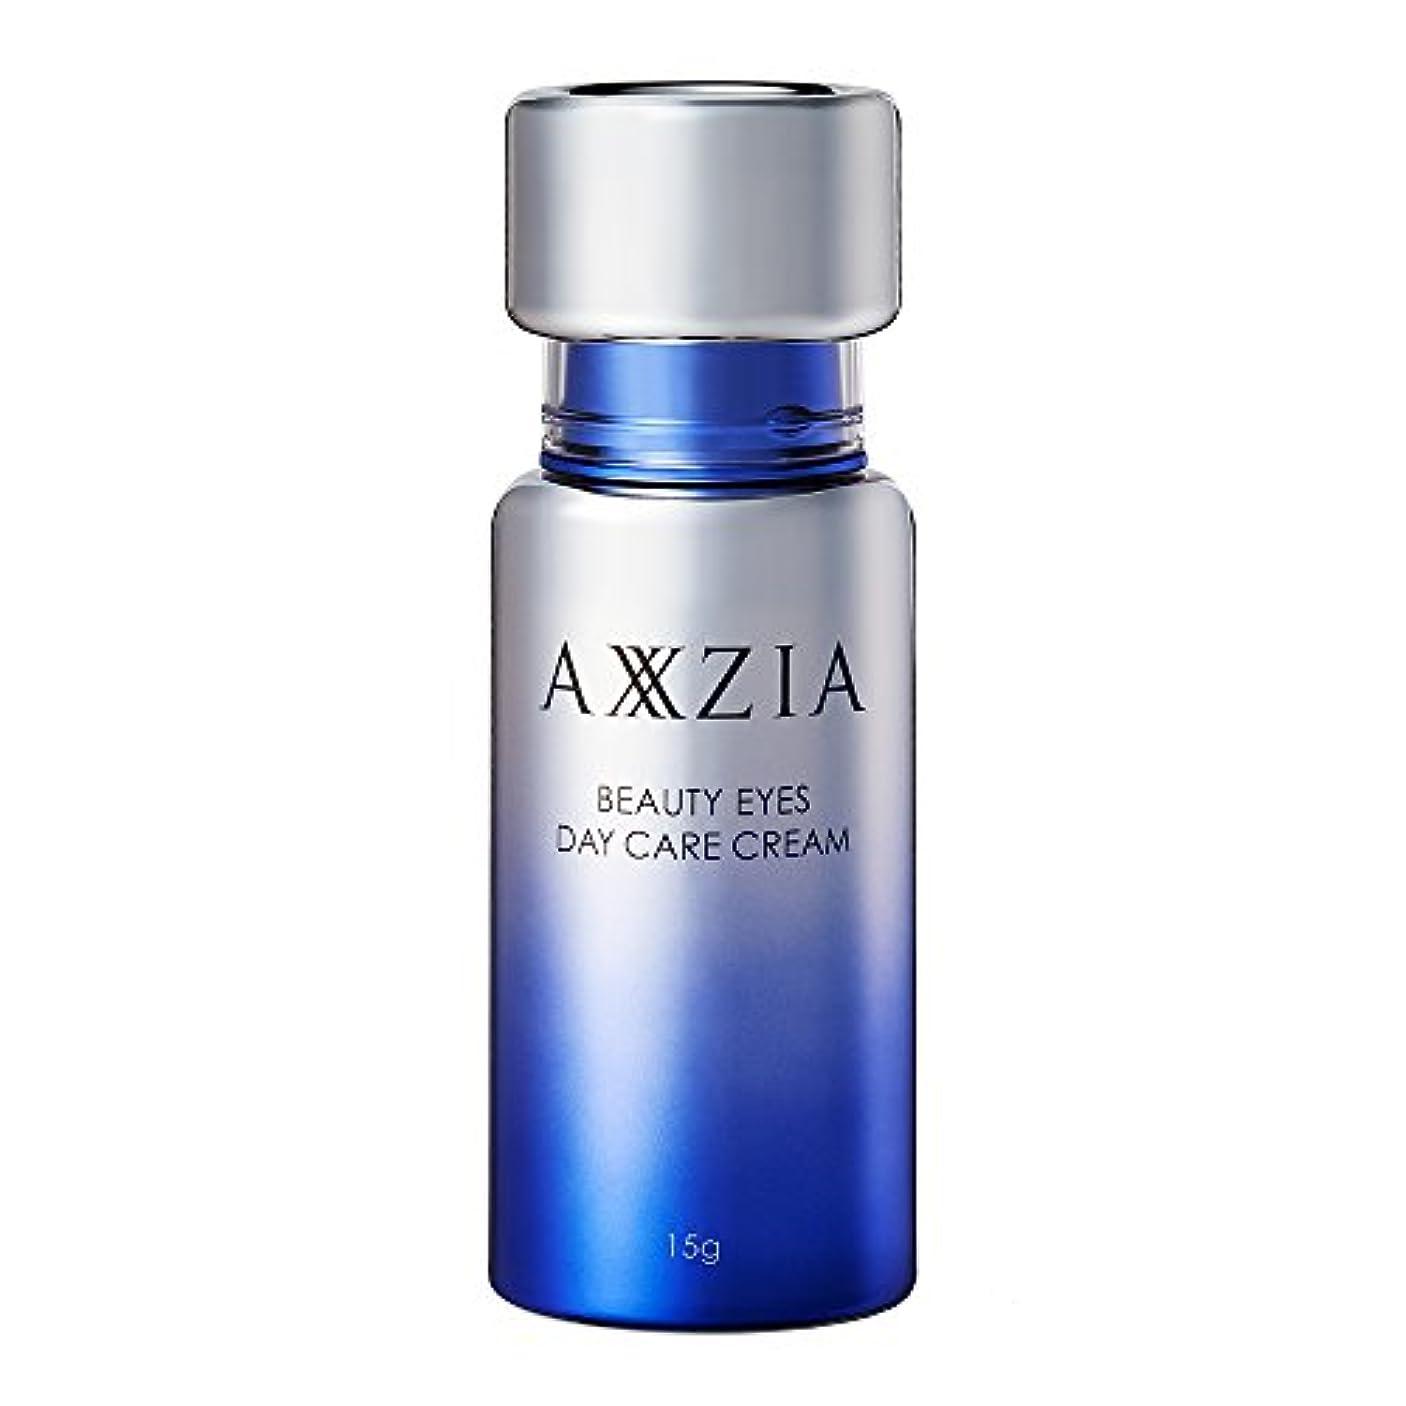 航空会社模索間違っているアクシージア (AXXZIA) ビューティアイズ デイ ケア クリーム 15g | アイクリーム 目の下のたるみ 化粧品 解消 目元のたるみ